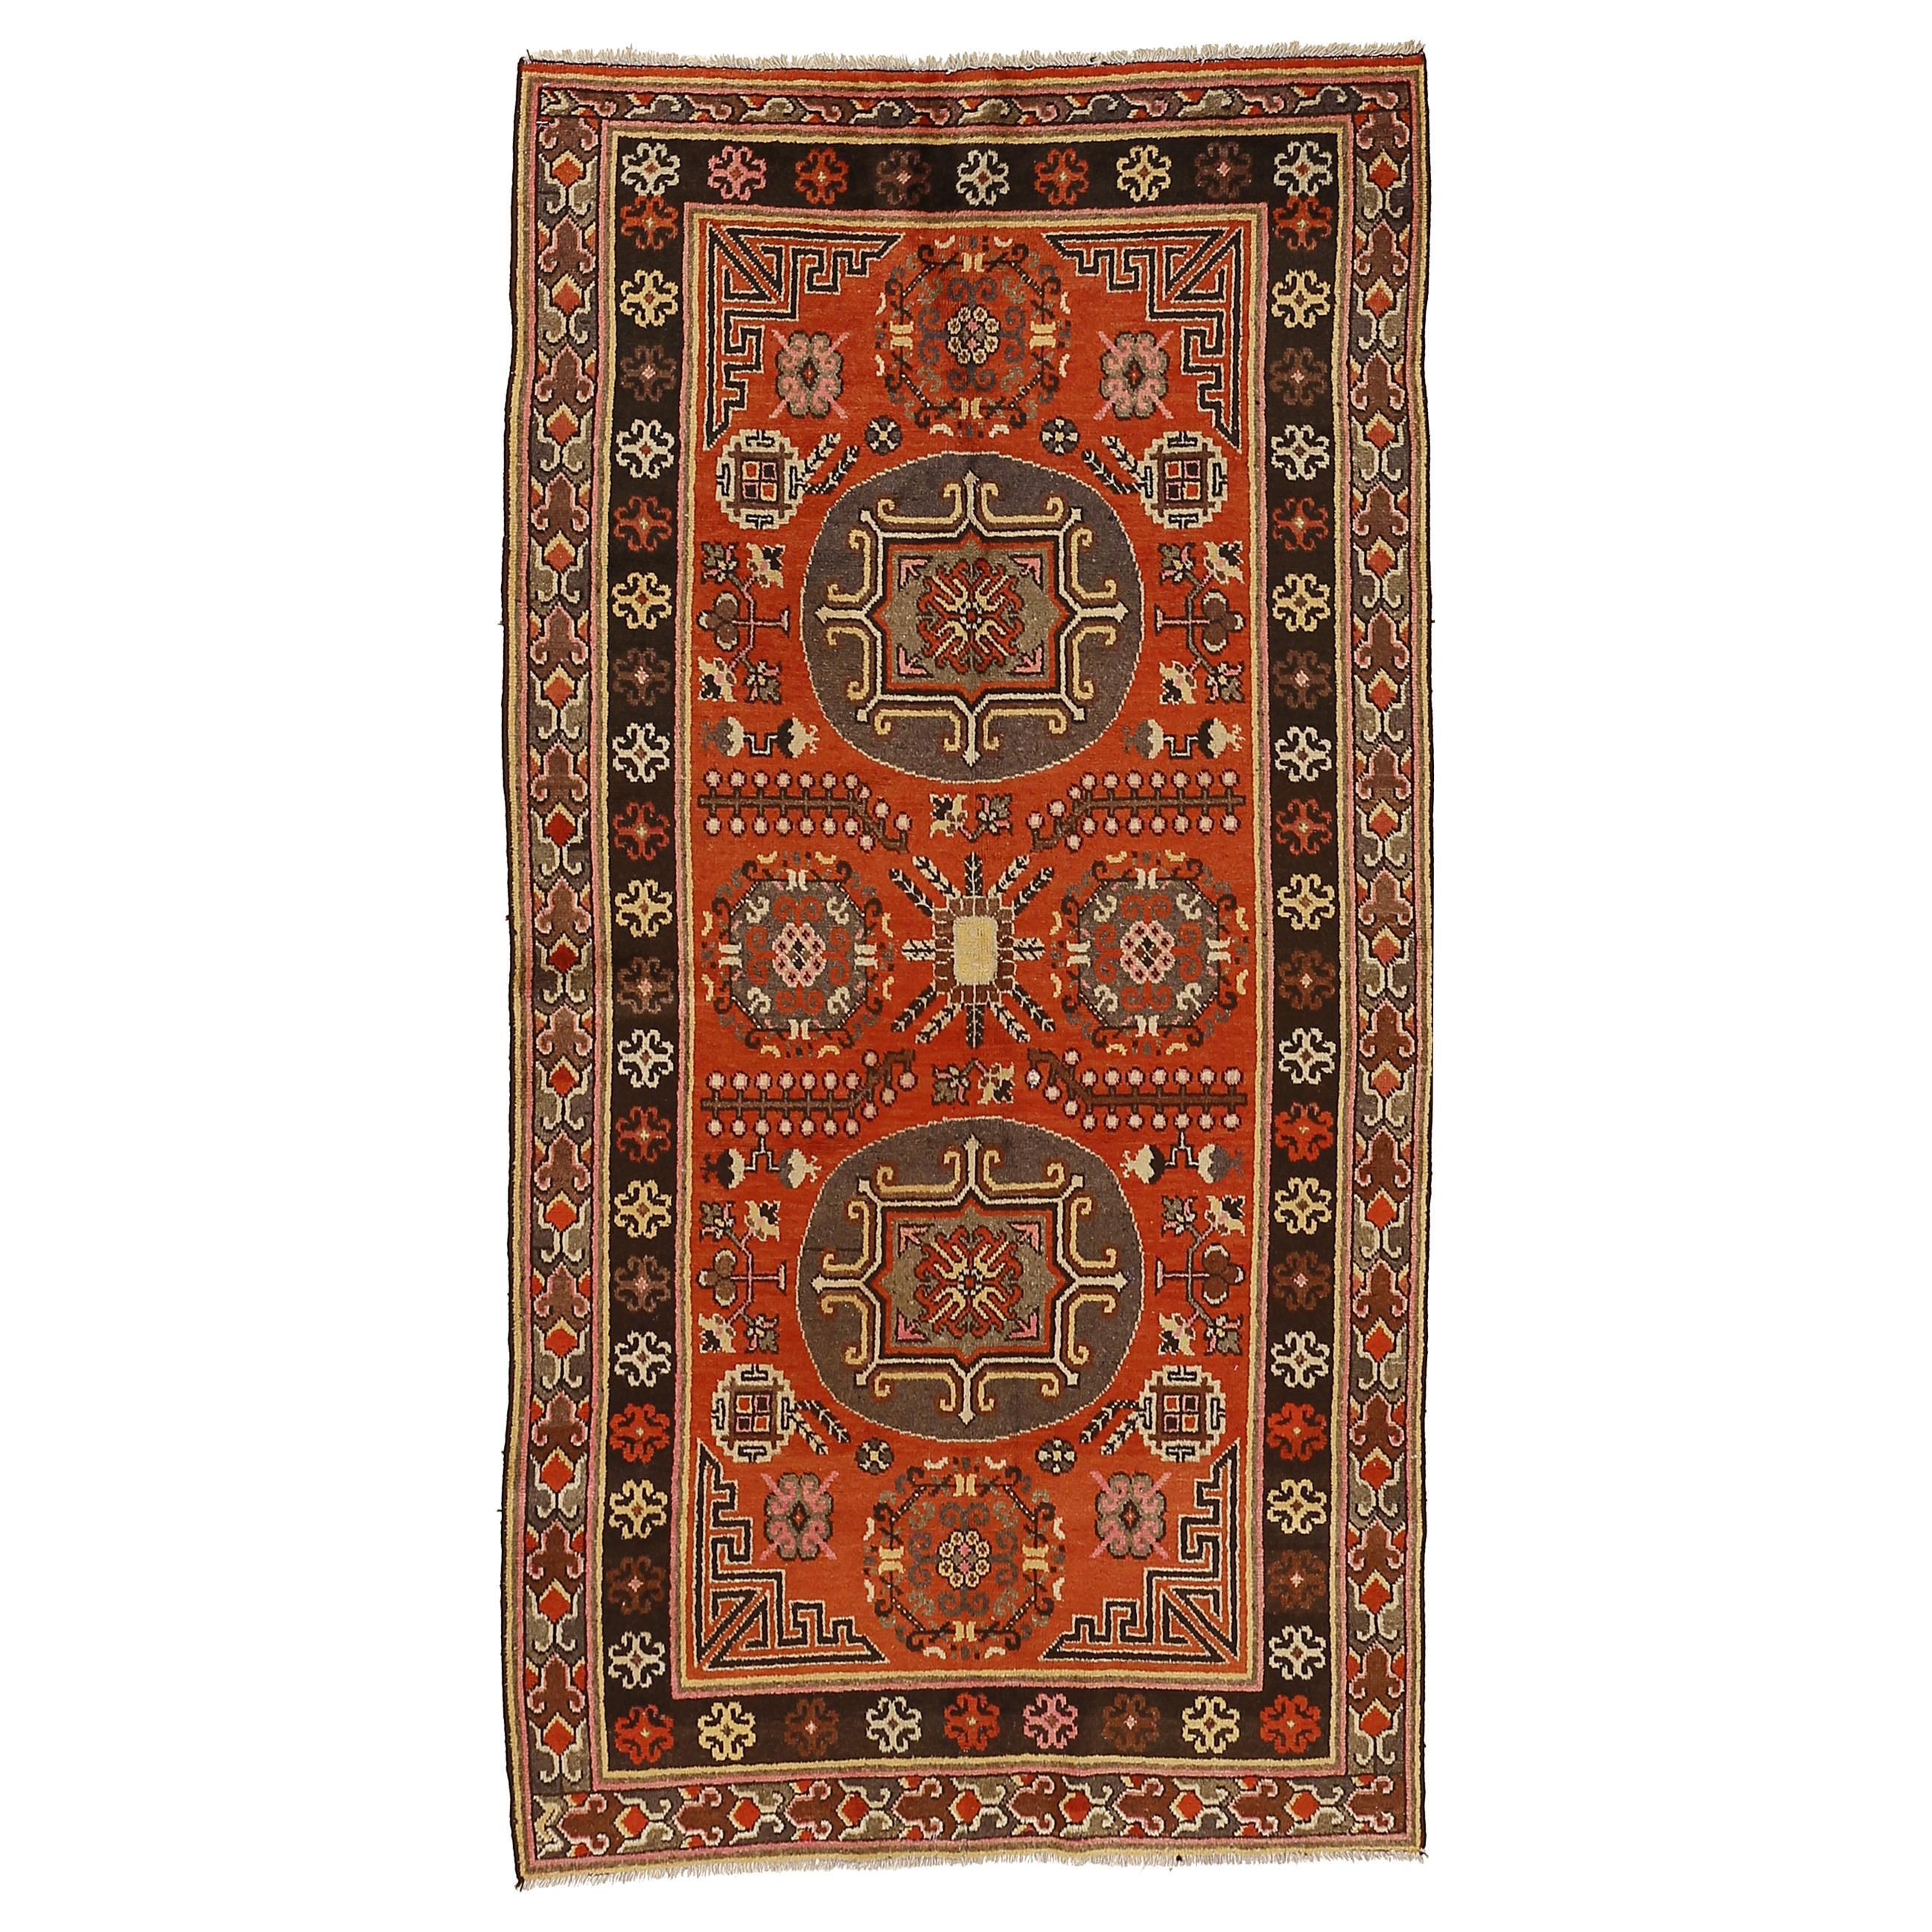 Antique Art Deco Samarkand Rug with Mandala Roundels